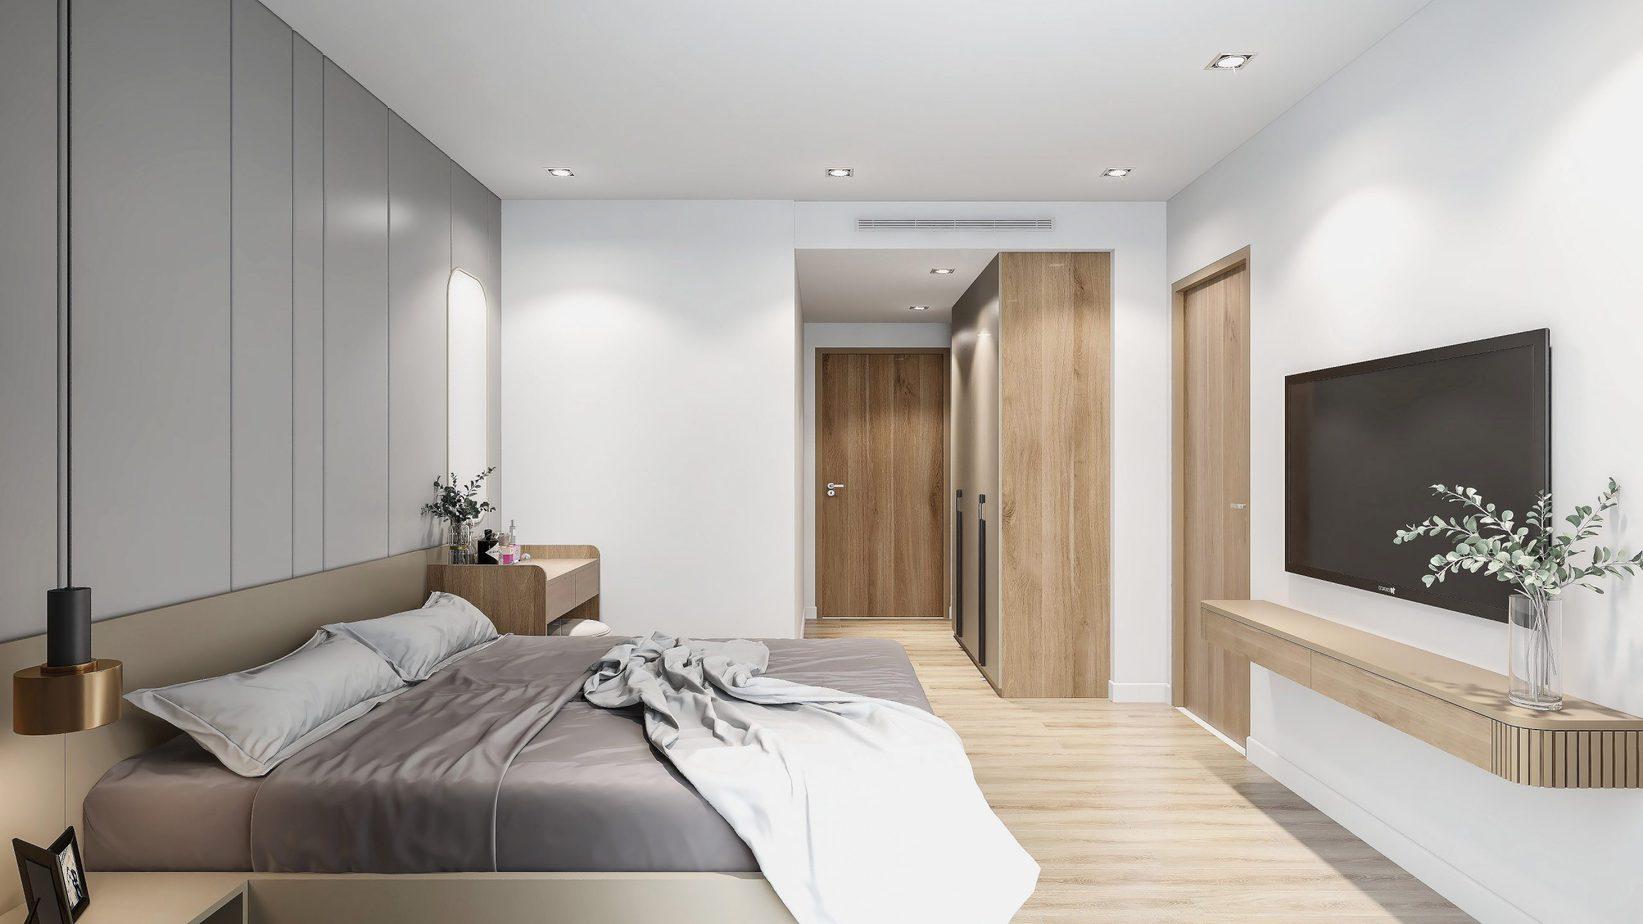 Các đồ nội thất được giản lược để mang tới không gian sinh hoạt thuận tiện nhất cho đôi lứa